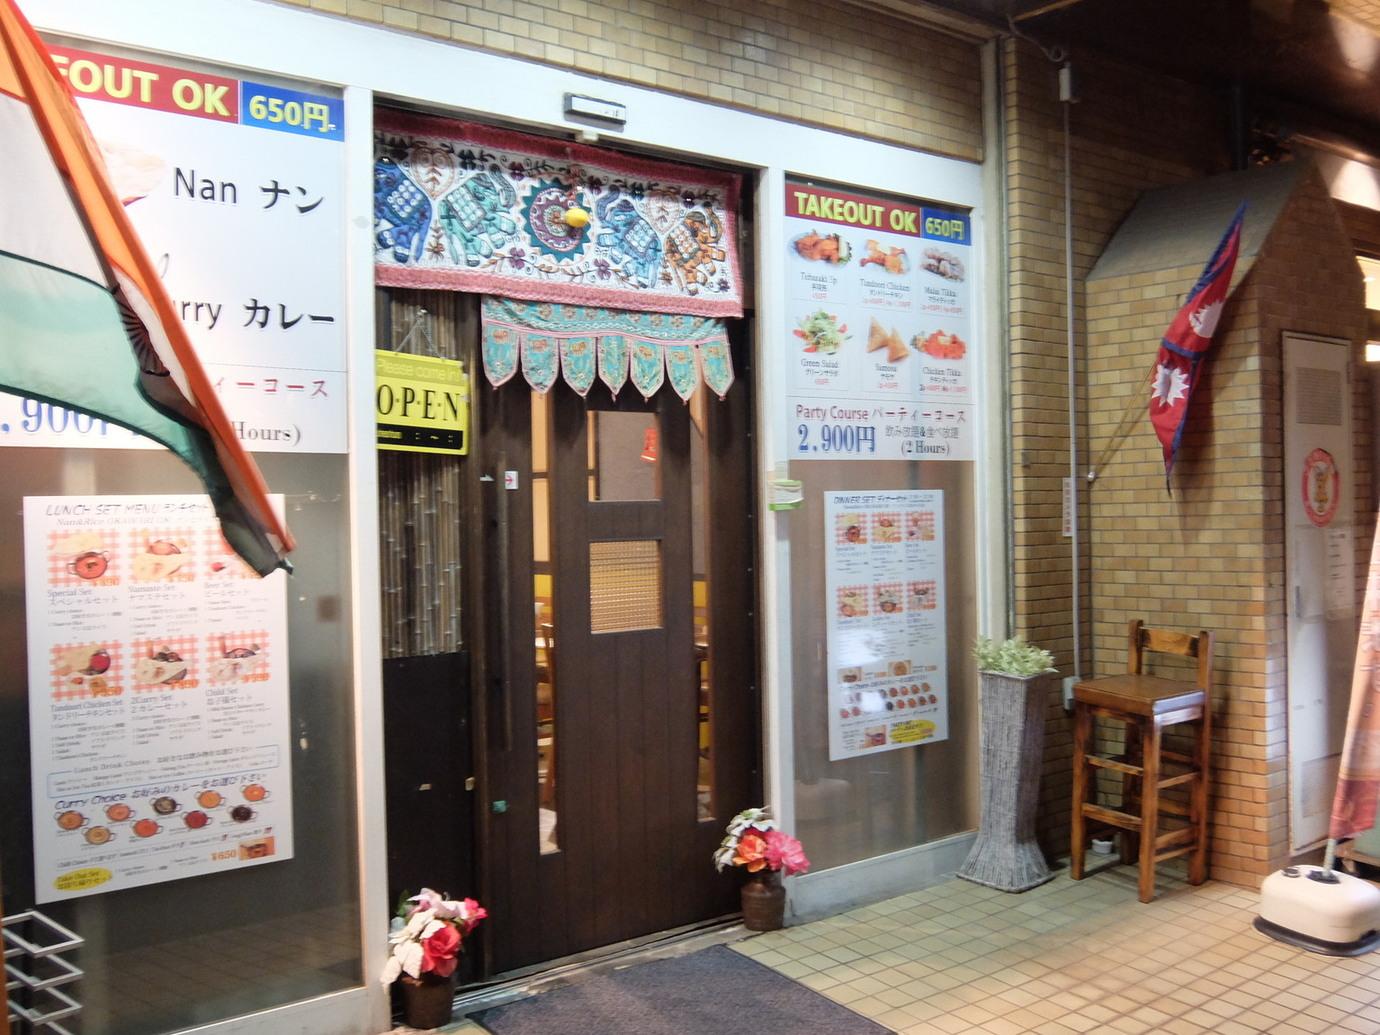 ナマステインドレストラン 多摩永山店